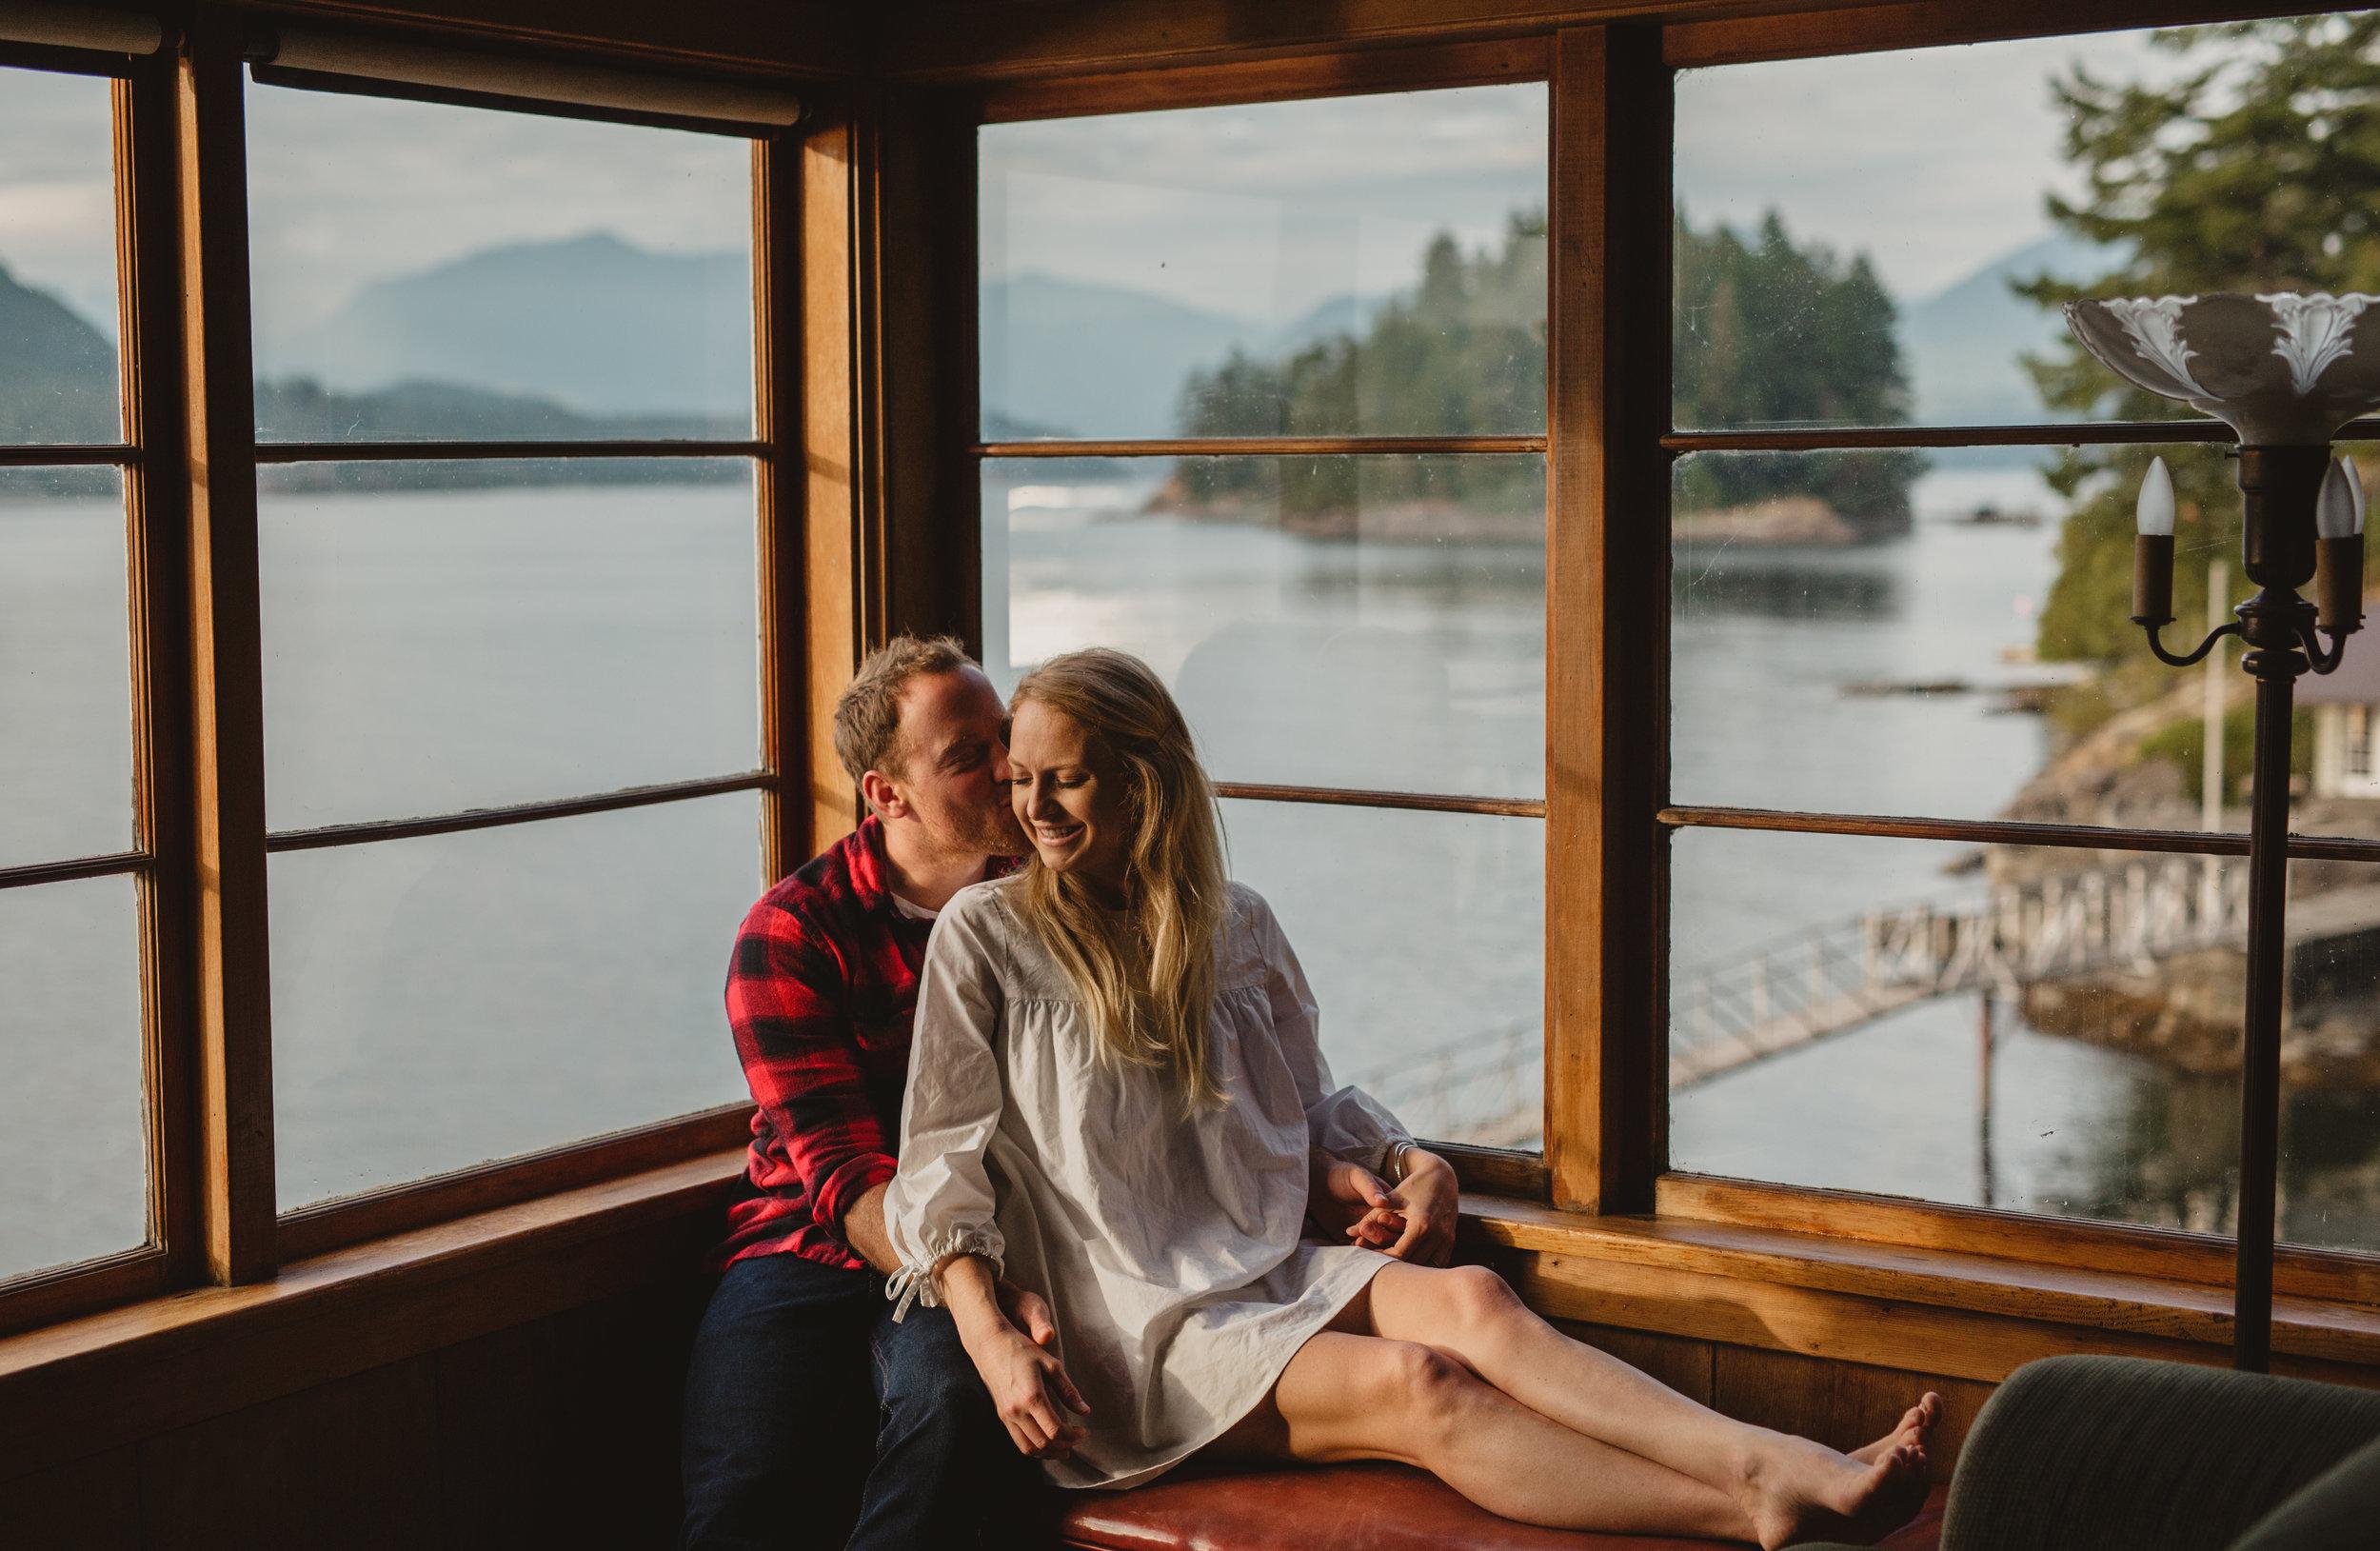 Keats Island Engagement Photos - Sunshine Coast Engagement Photos - Sunshine Coast Wedding Photographer - Vancovuer Wedding Photographer - Jennifer Picard Photography - IMG_0148.jpg